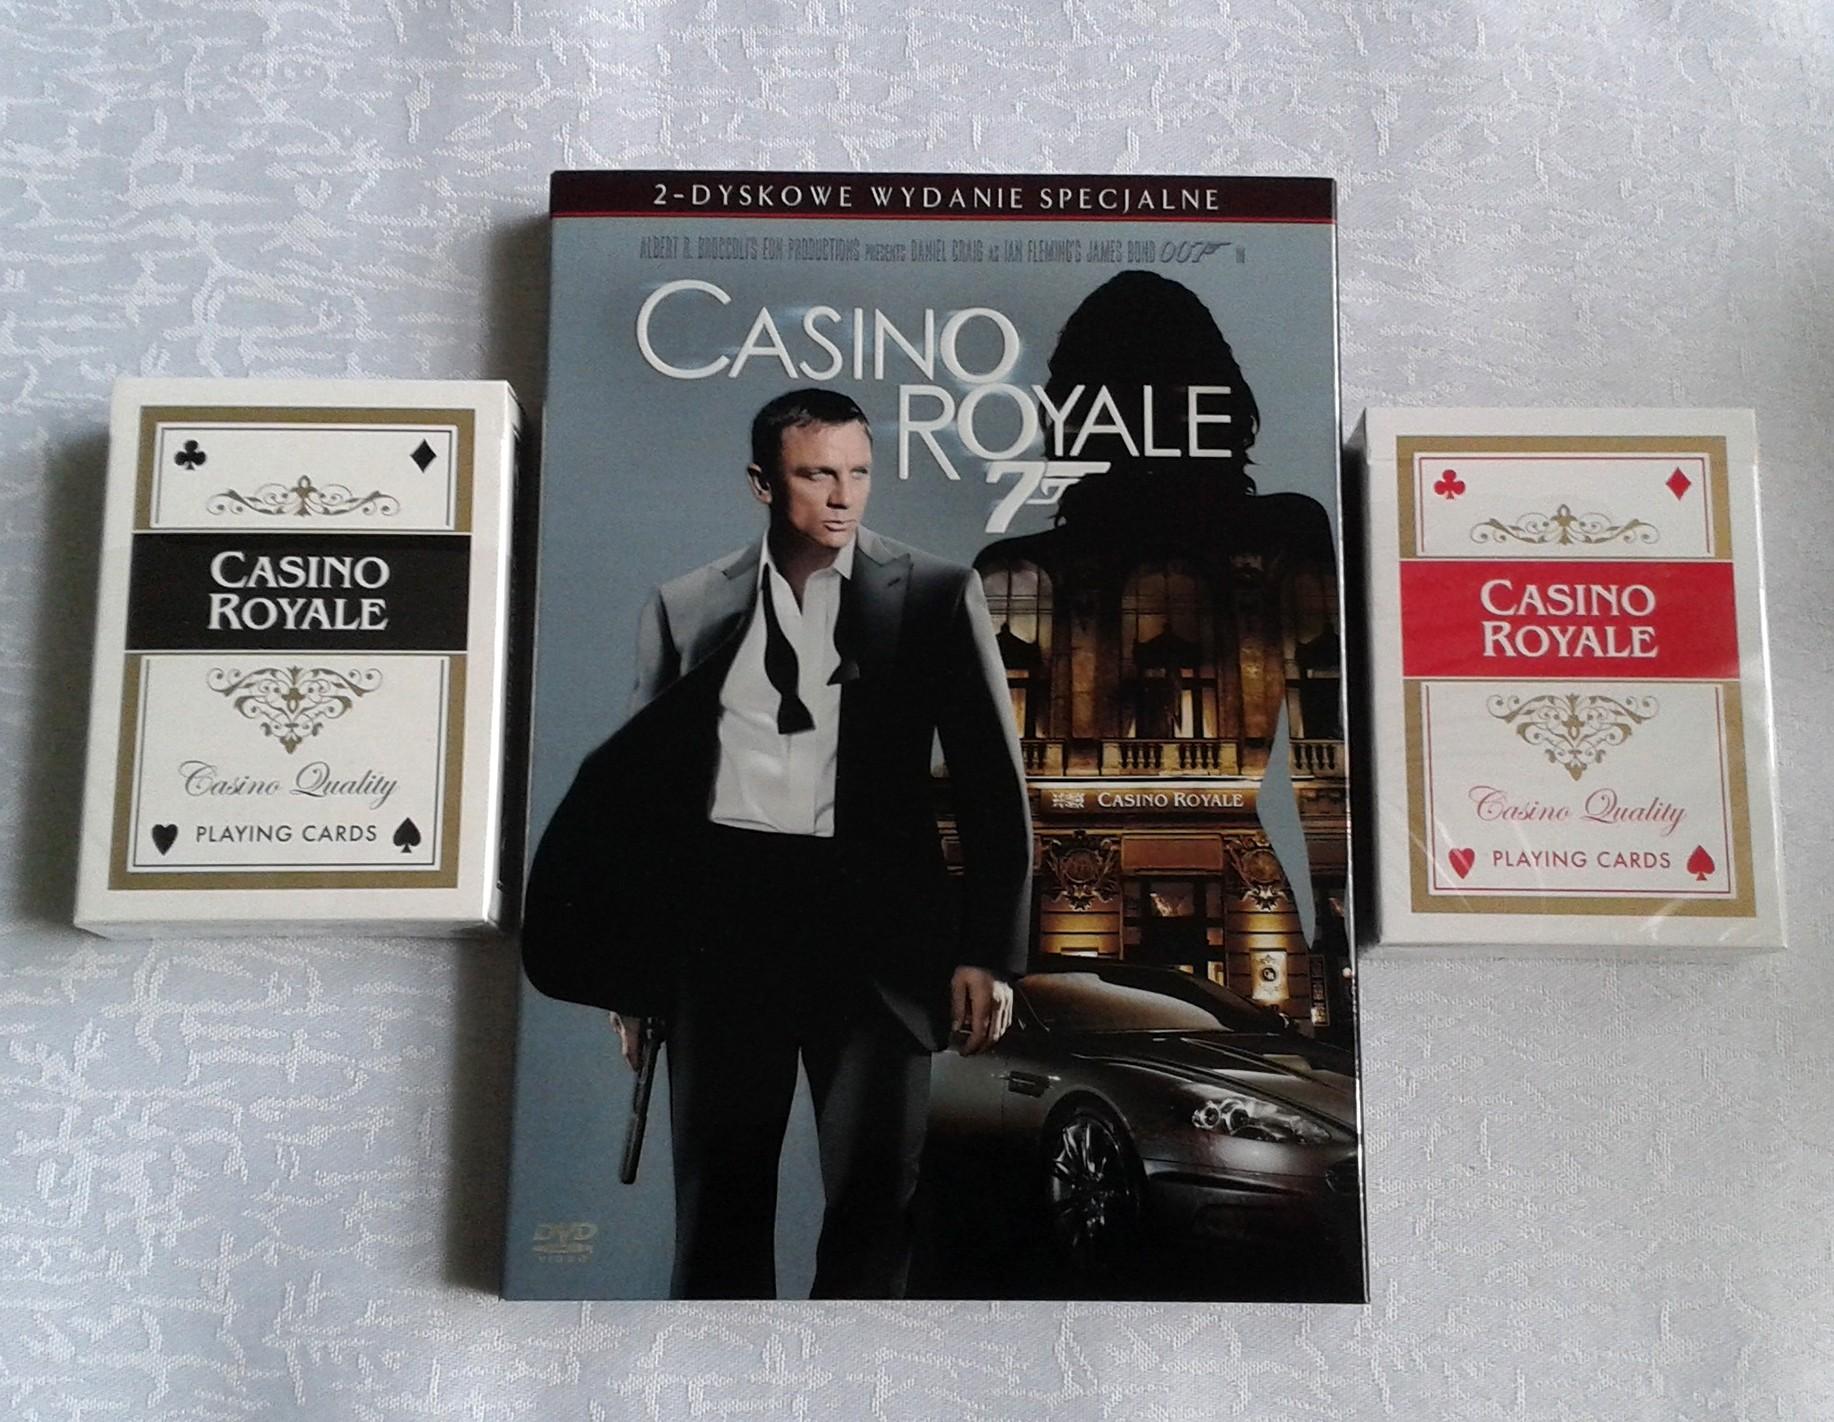 casino royale wydanie 2DVD 02.jpg